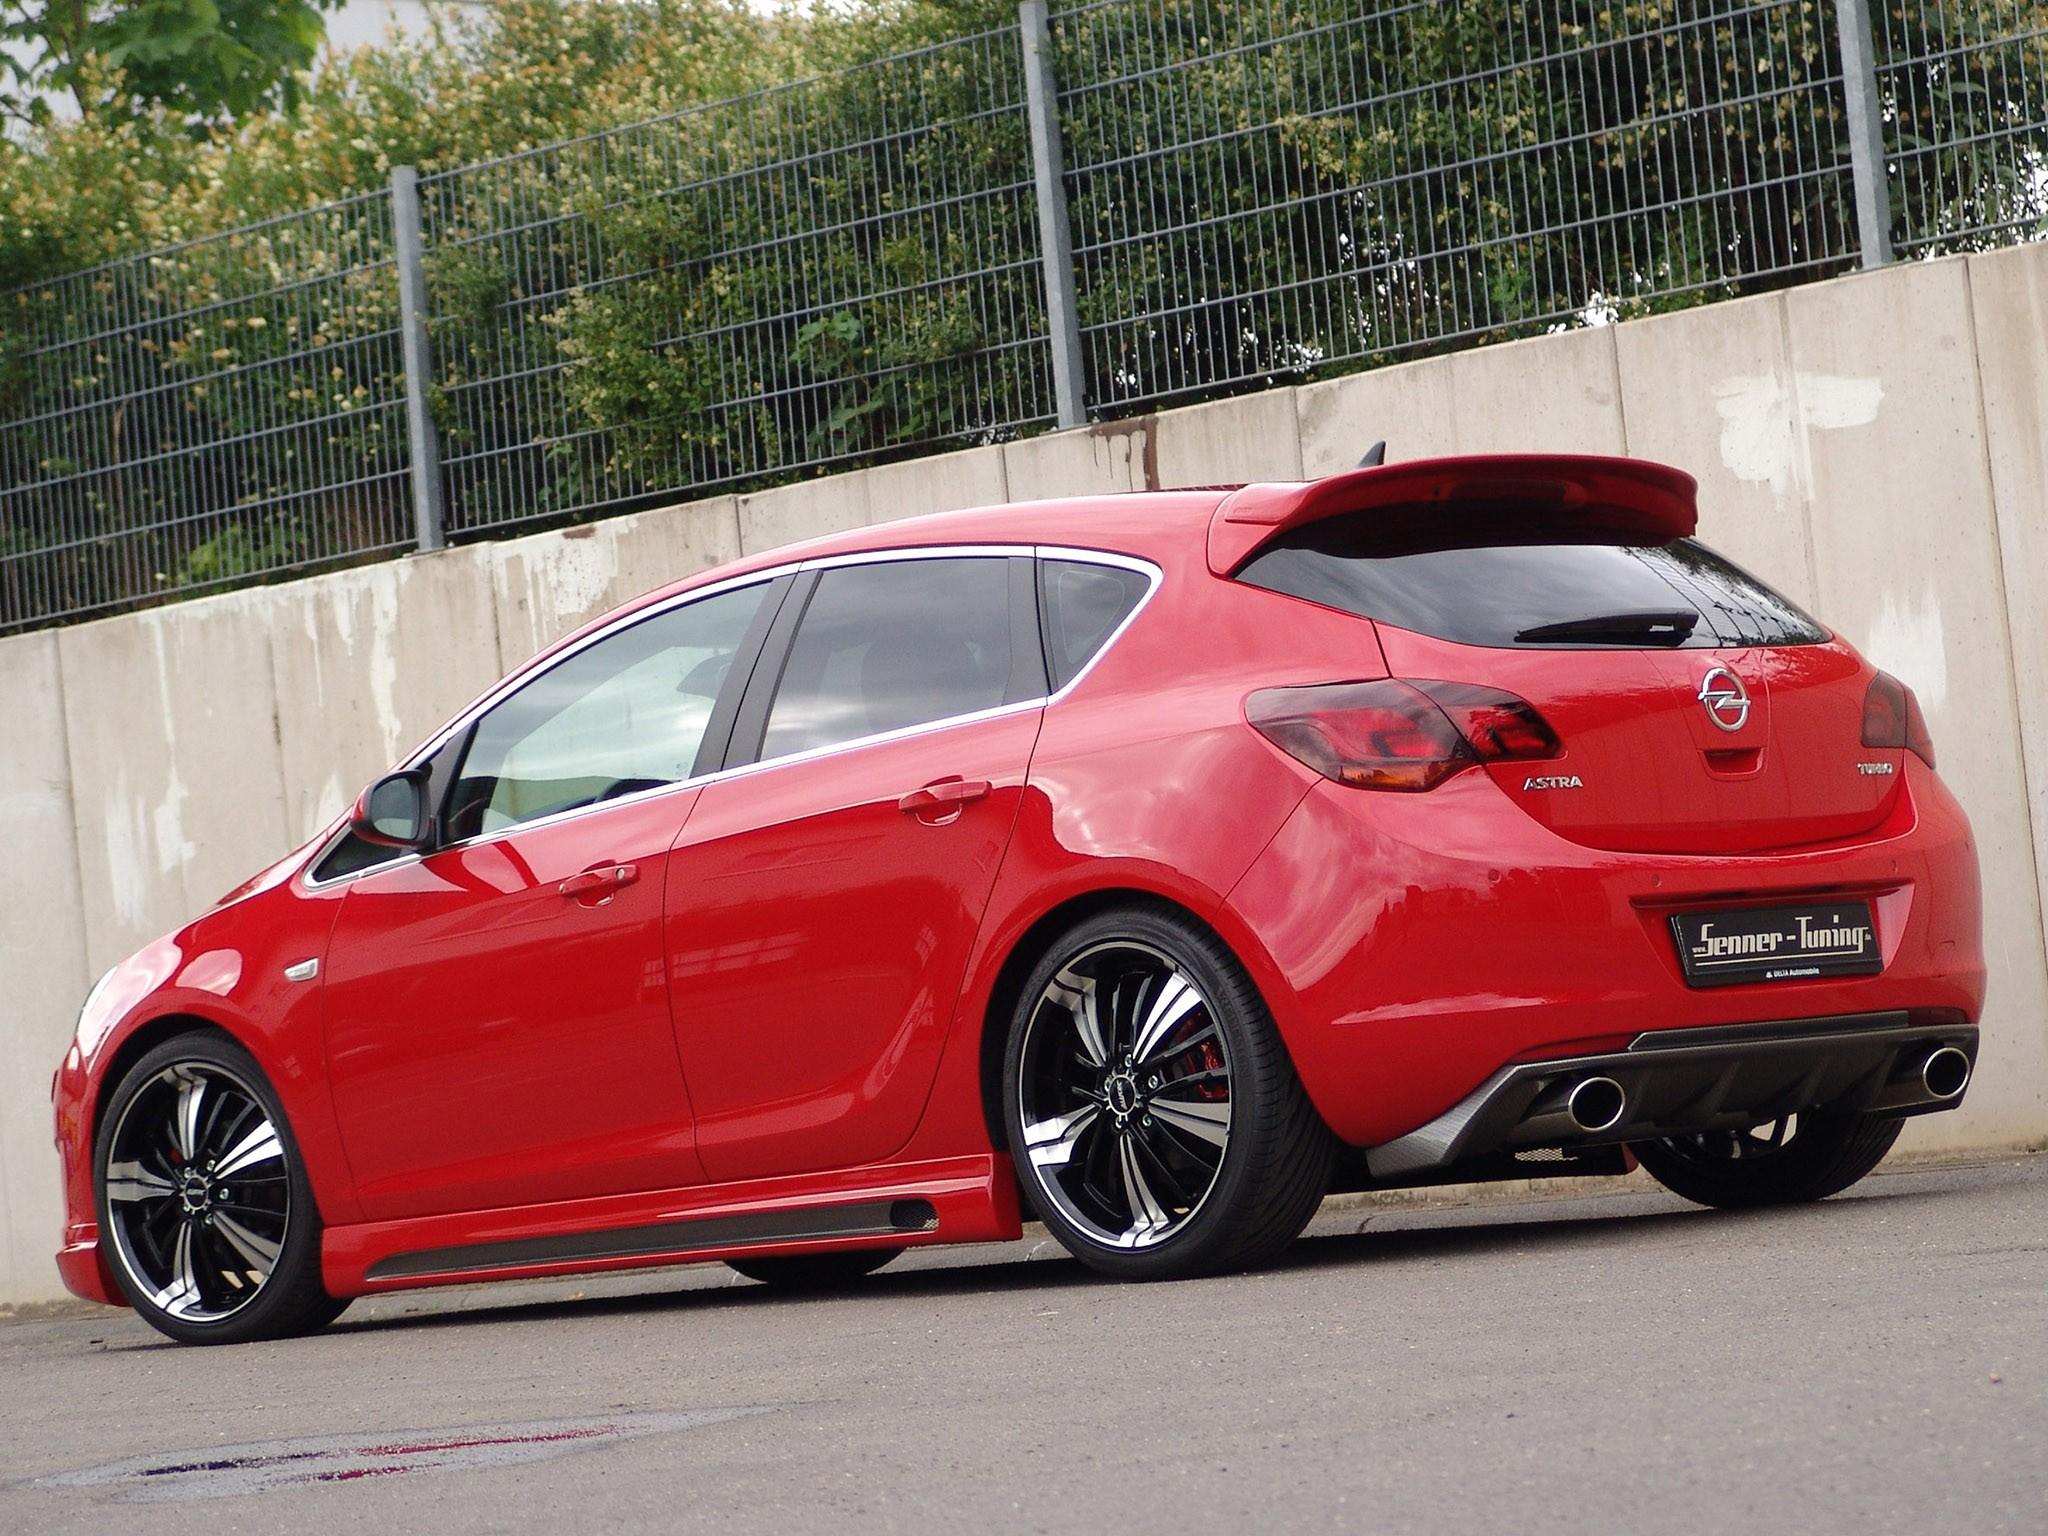 2011 Senner Opel Astra